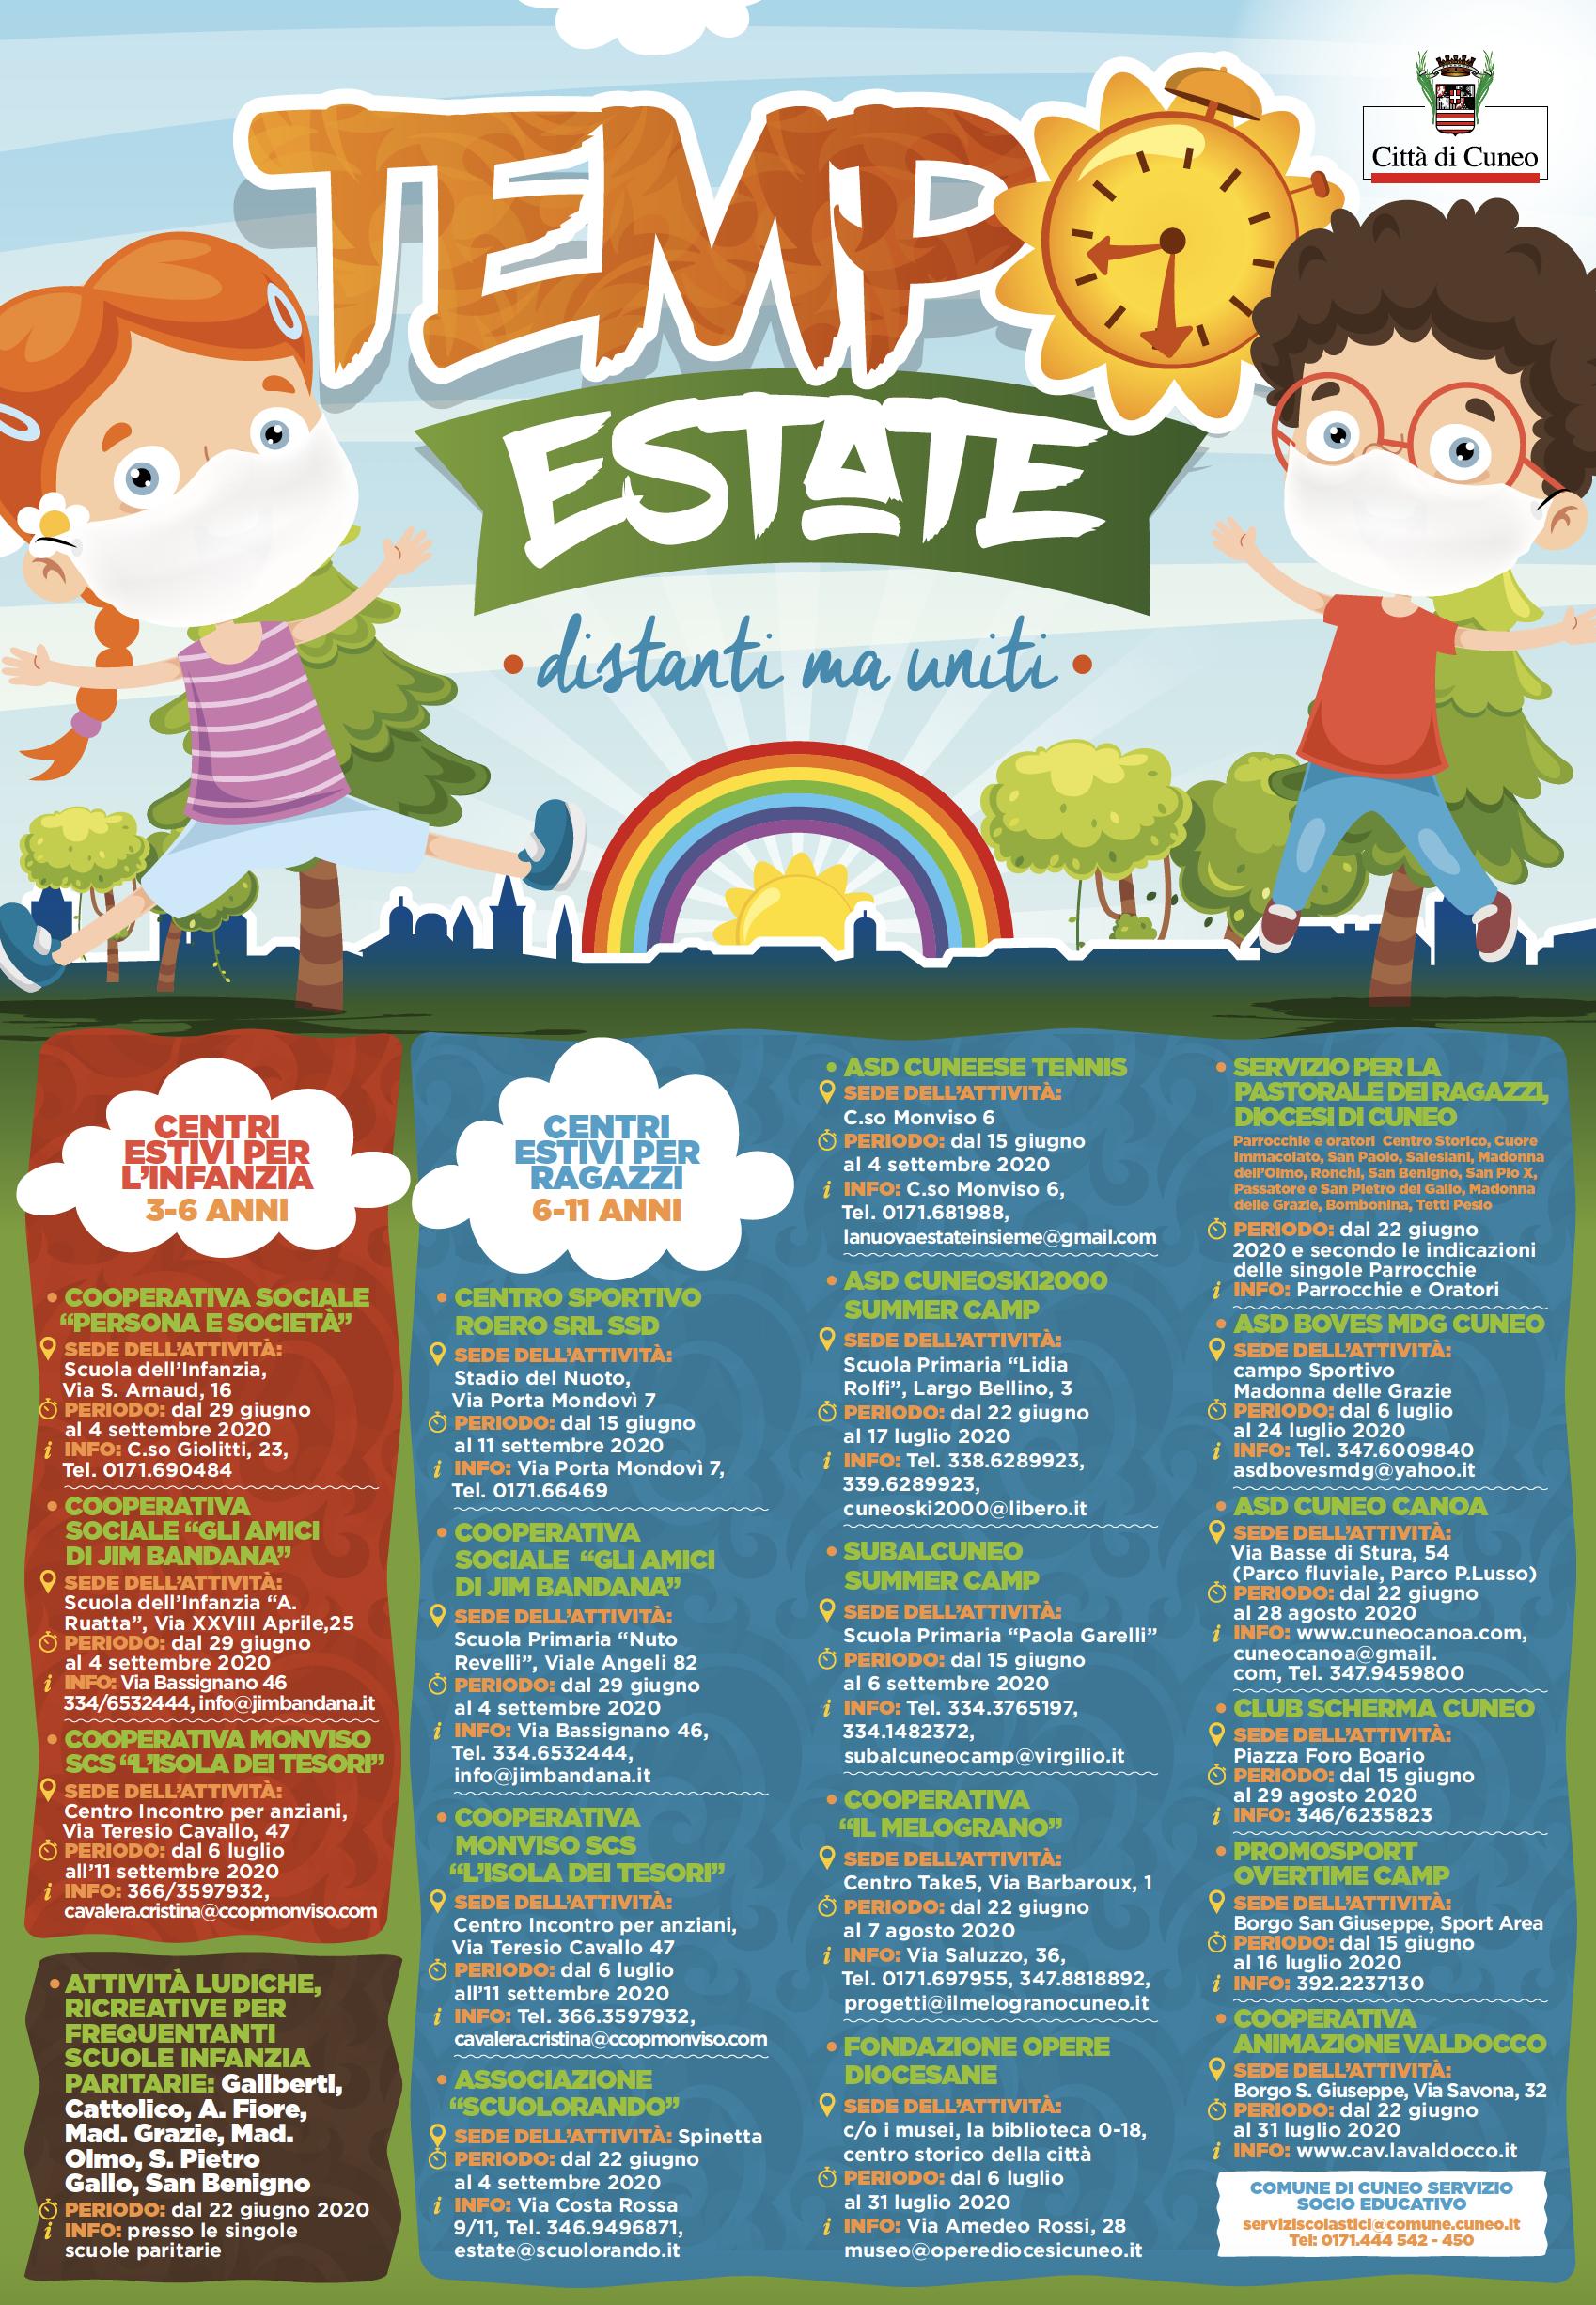 Cuneo, iniziative e centri estivi per bambini e ragazzi ...